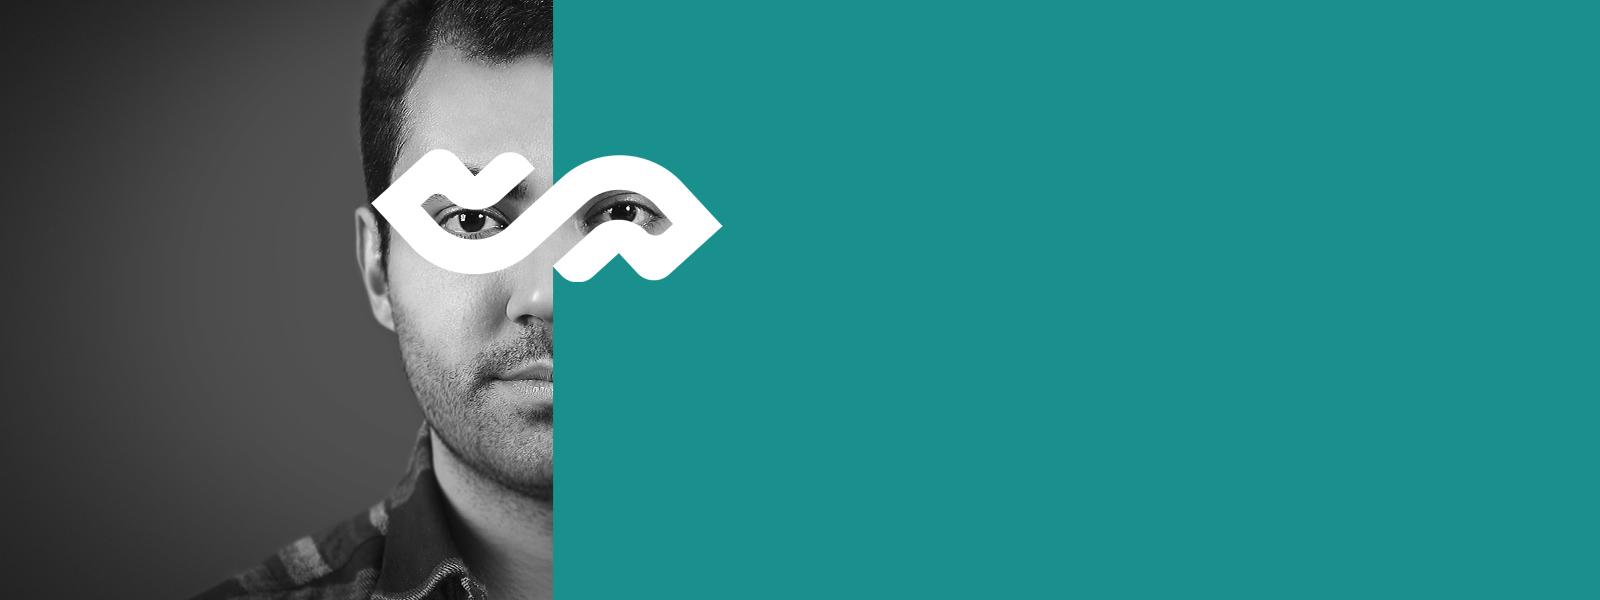 لایه سوم اسلایدر سی و پنجمین جشنواره تئاتر فجر ، عکاسی ، هویت بصری ، شرکت تبلیغاتی الف ، طراحی لوگو ، طراحی لوگوتایپ ، طراحی هویت بصری ، هویت بصری سی و پنجمین جشنواره بین المللی تئاتر فجر